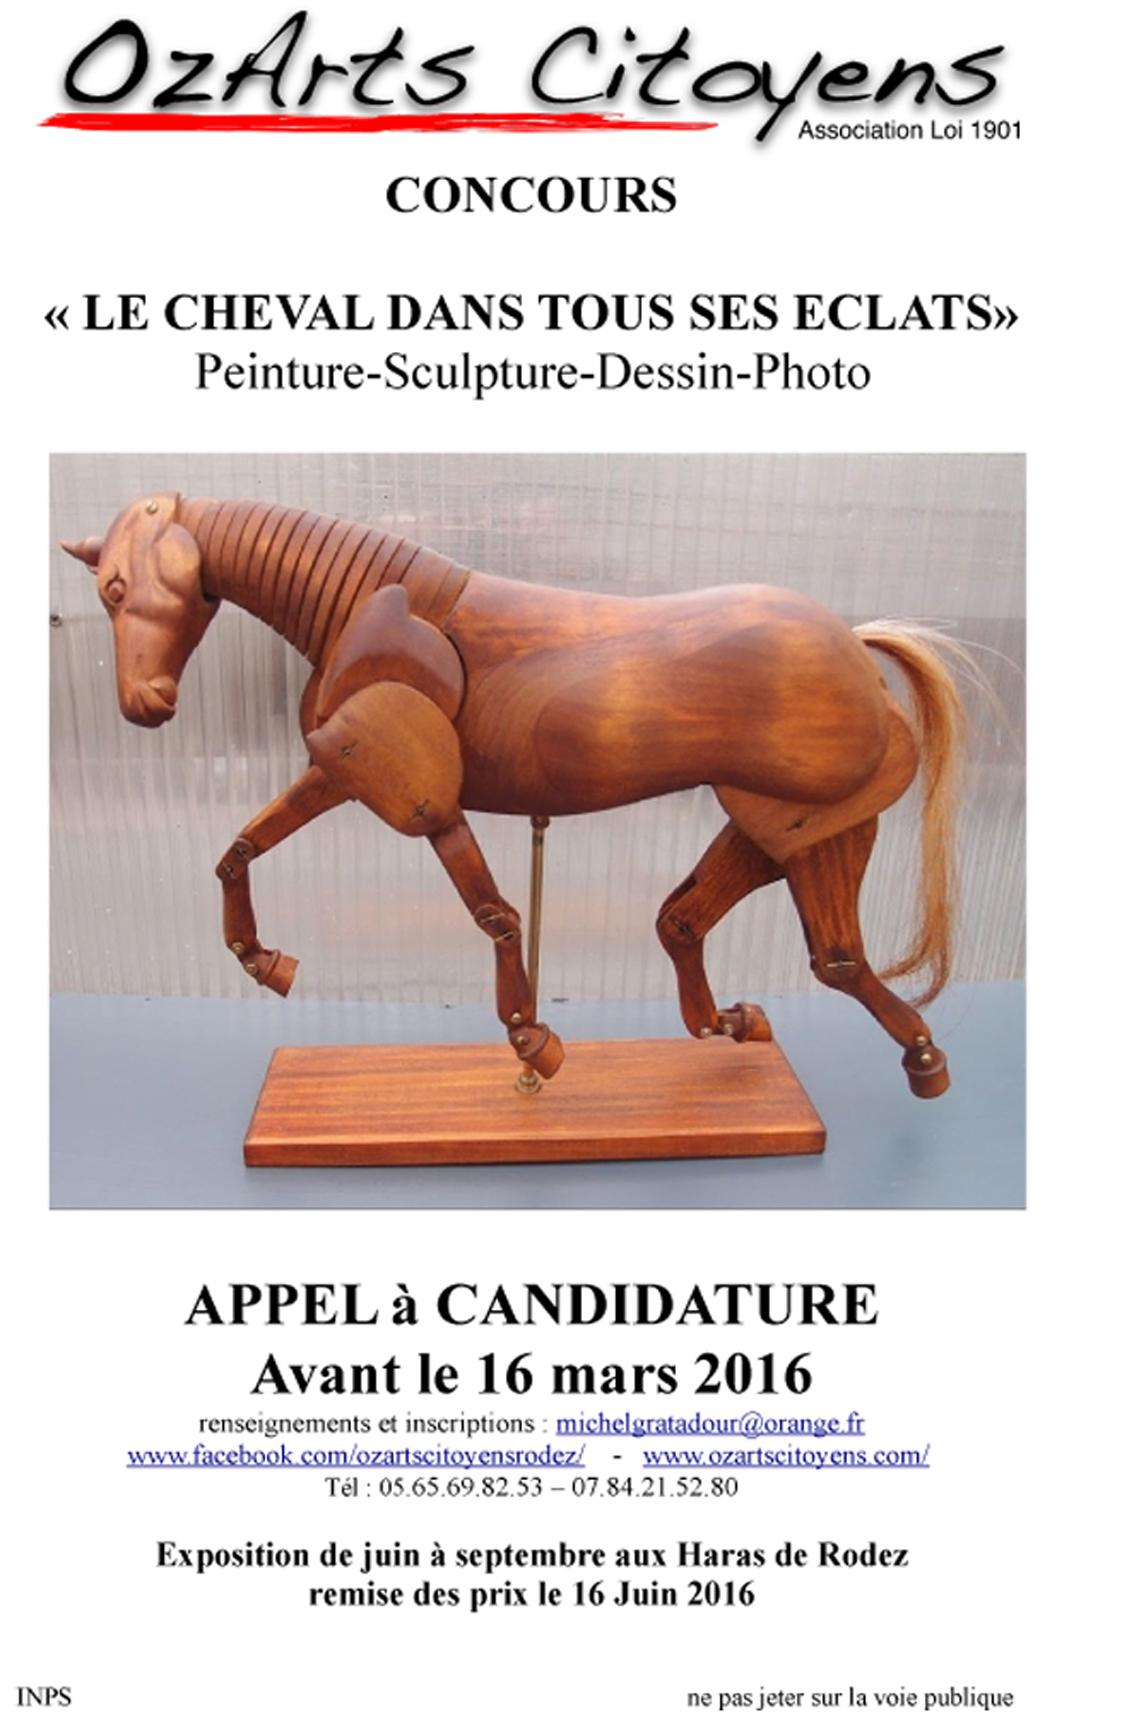 Actualité de facebook.com/ozartscitoyensrodez  association artistique Concours de peinture, sculpture, .....